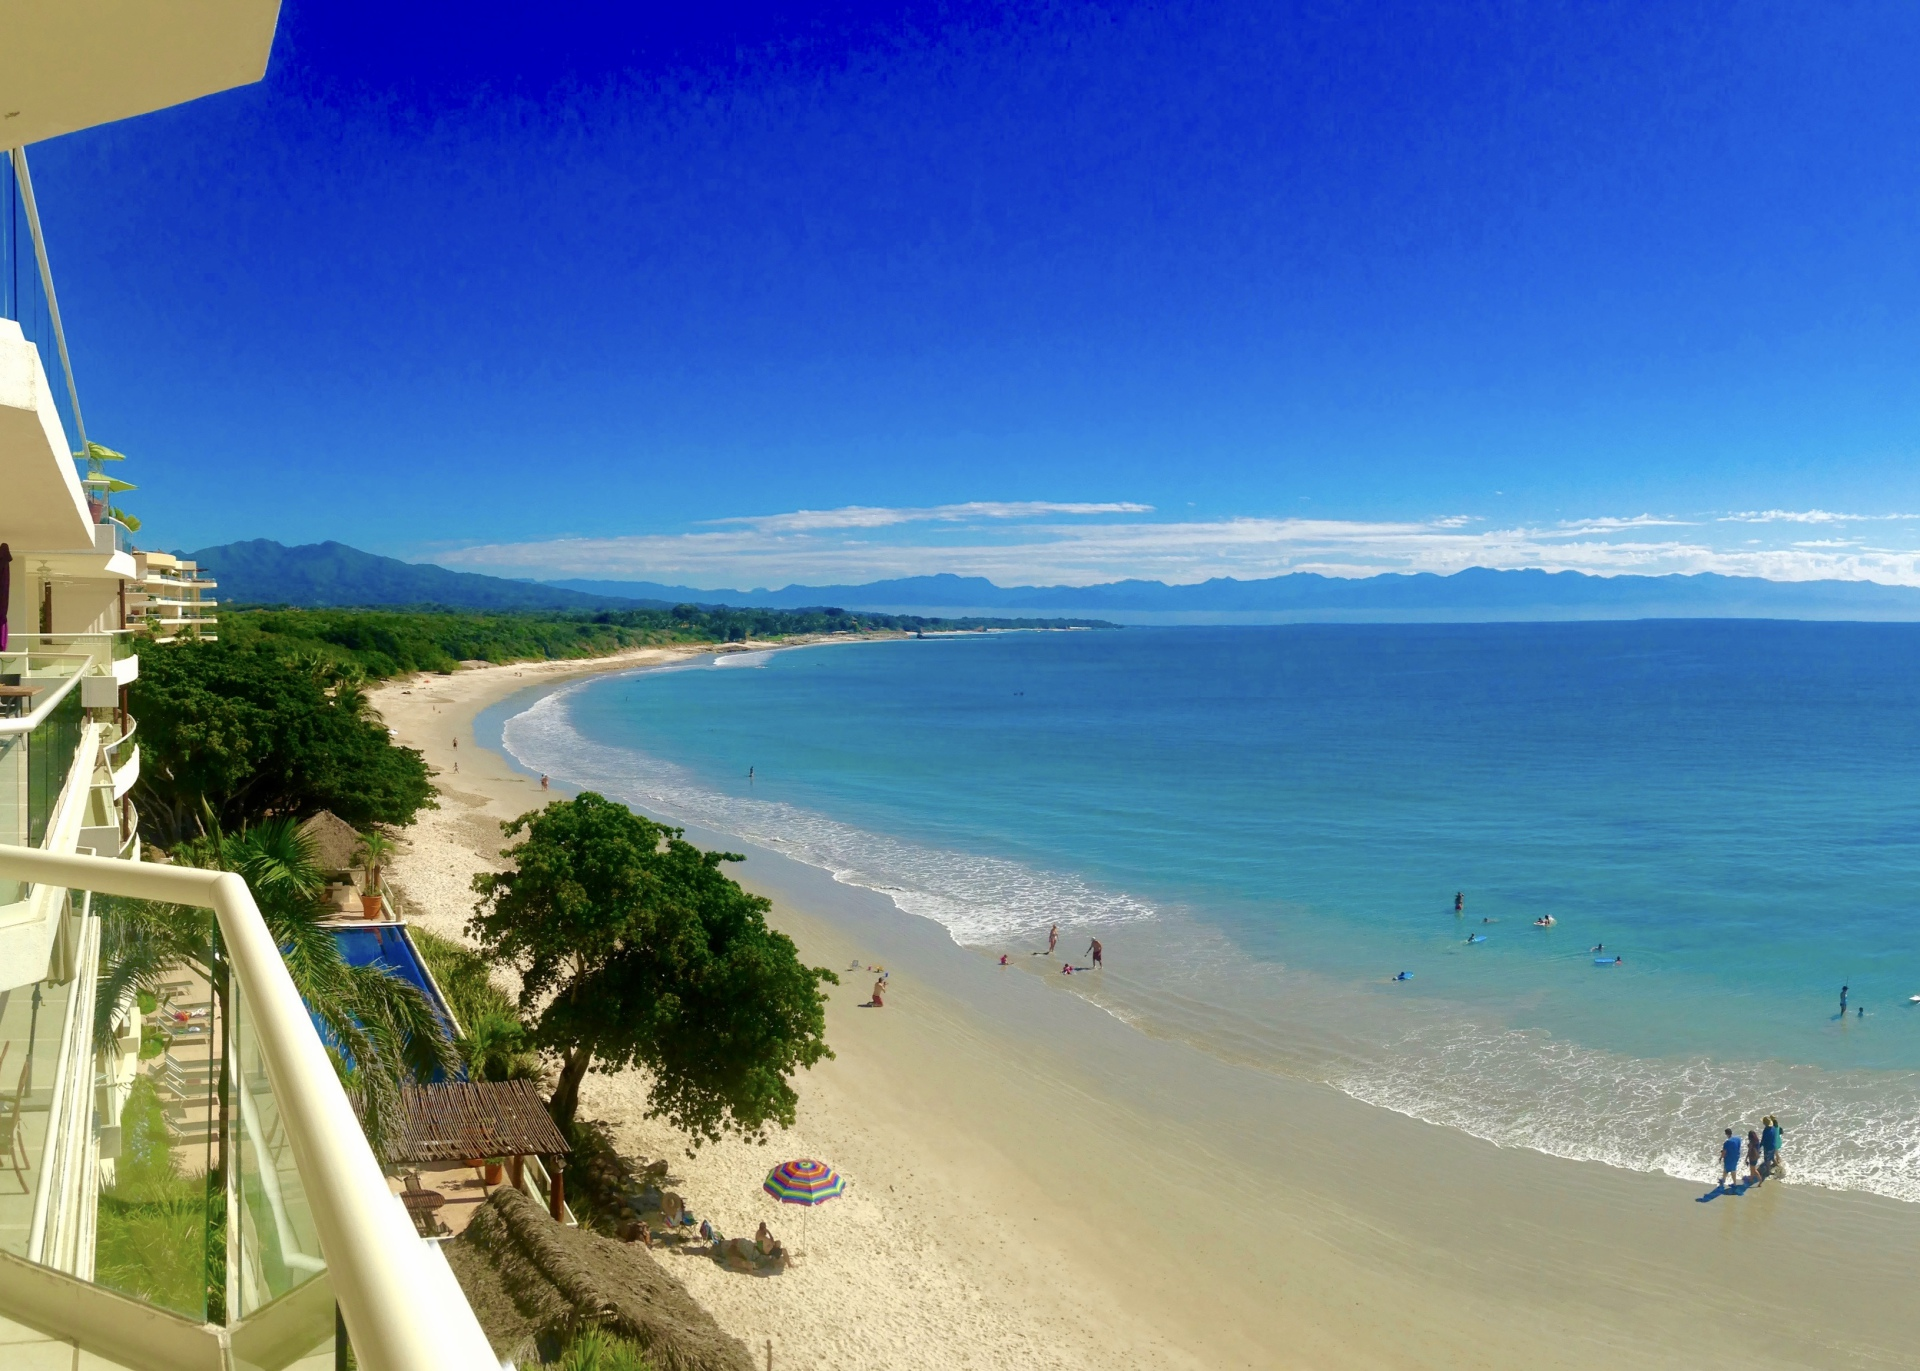 Punta de Mita Beach